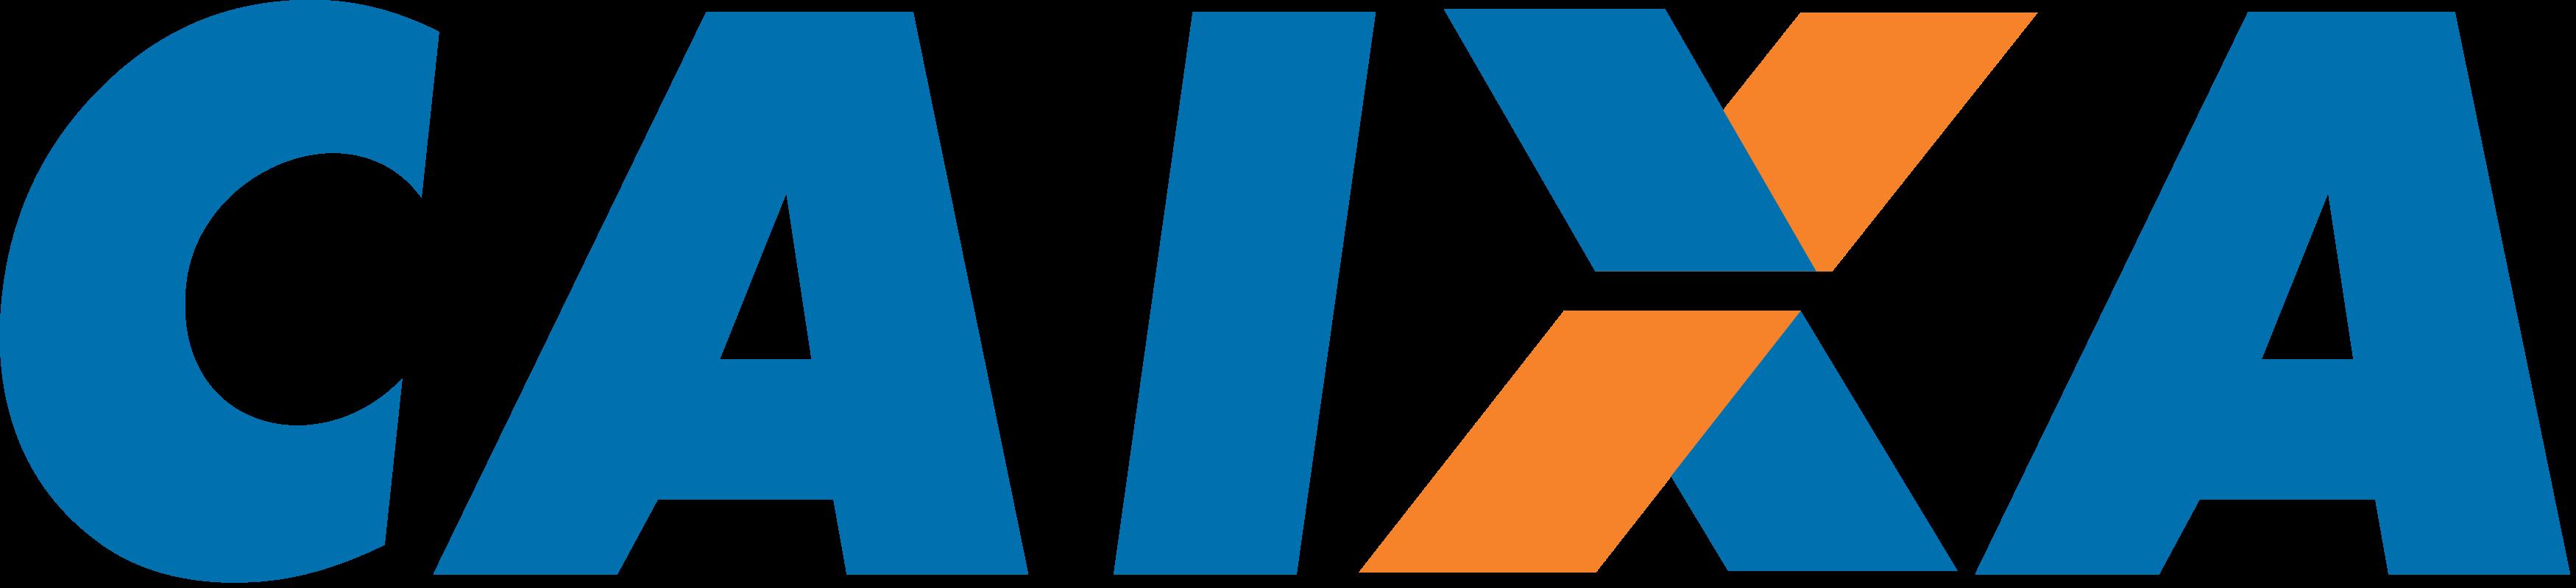 CAIXA ECONÔMICA FEDERAL logo